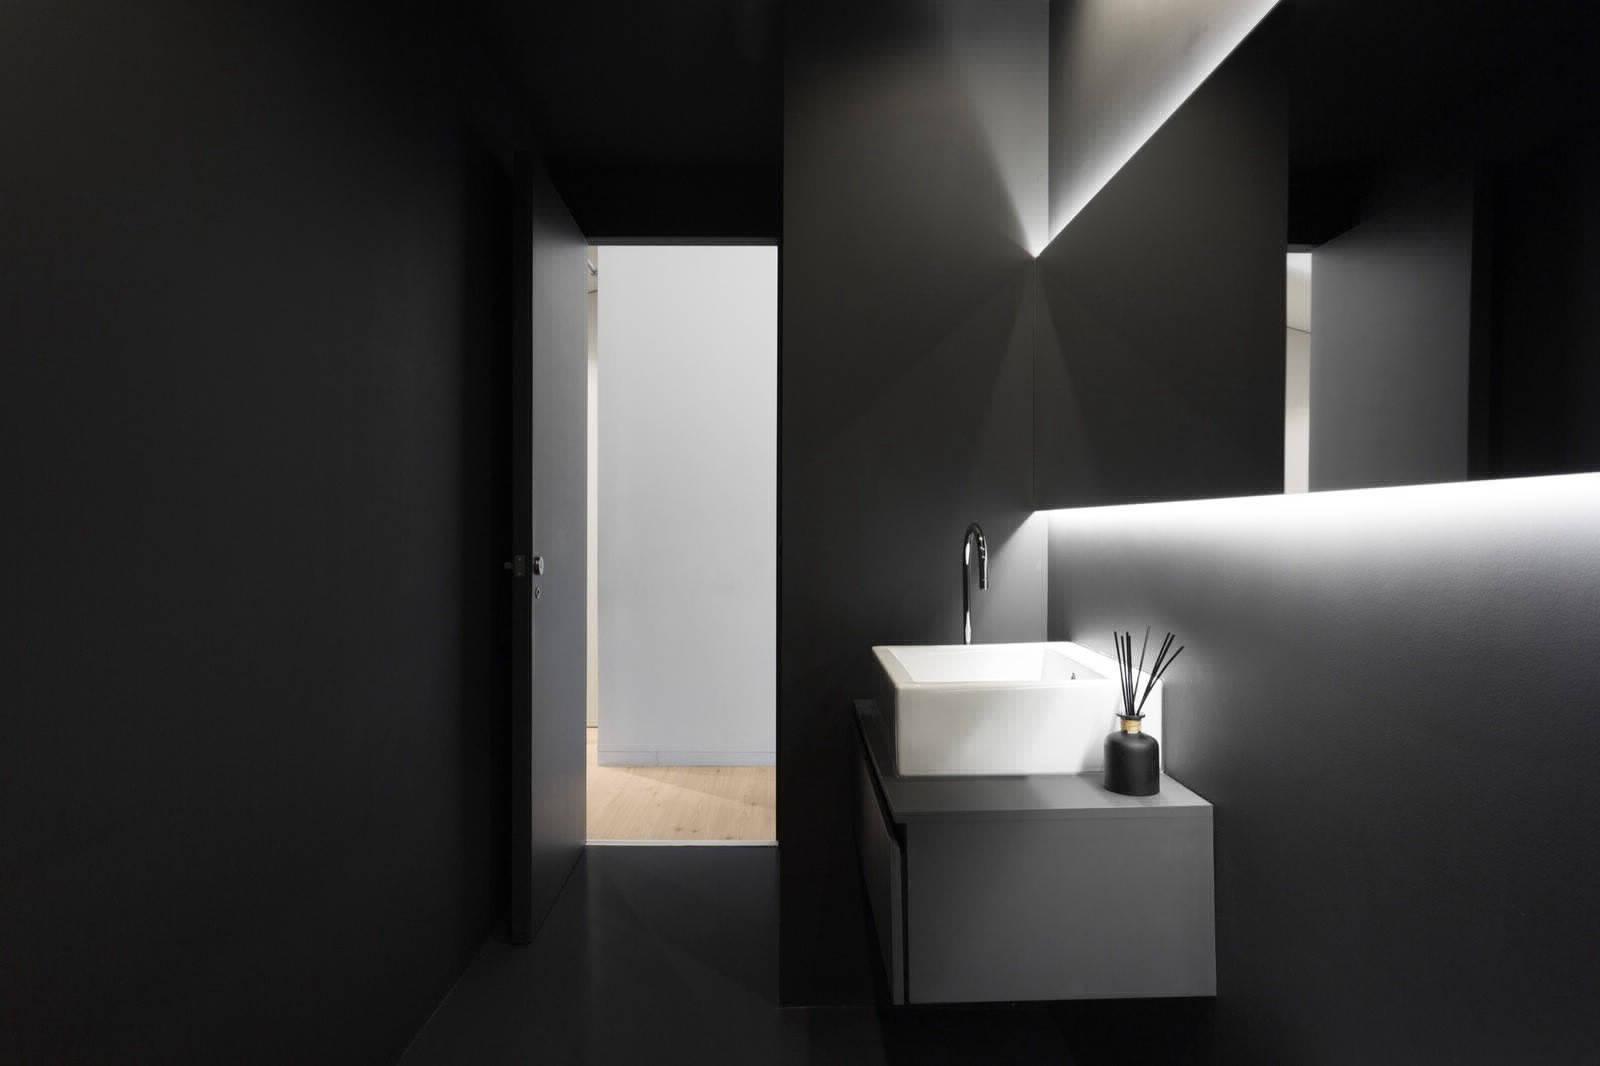 Квартира площадью 42 квадратных метра в Португалии